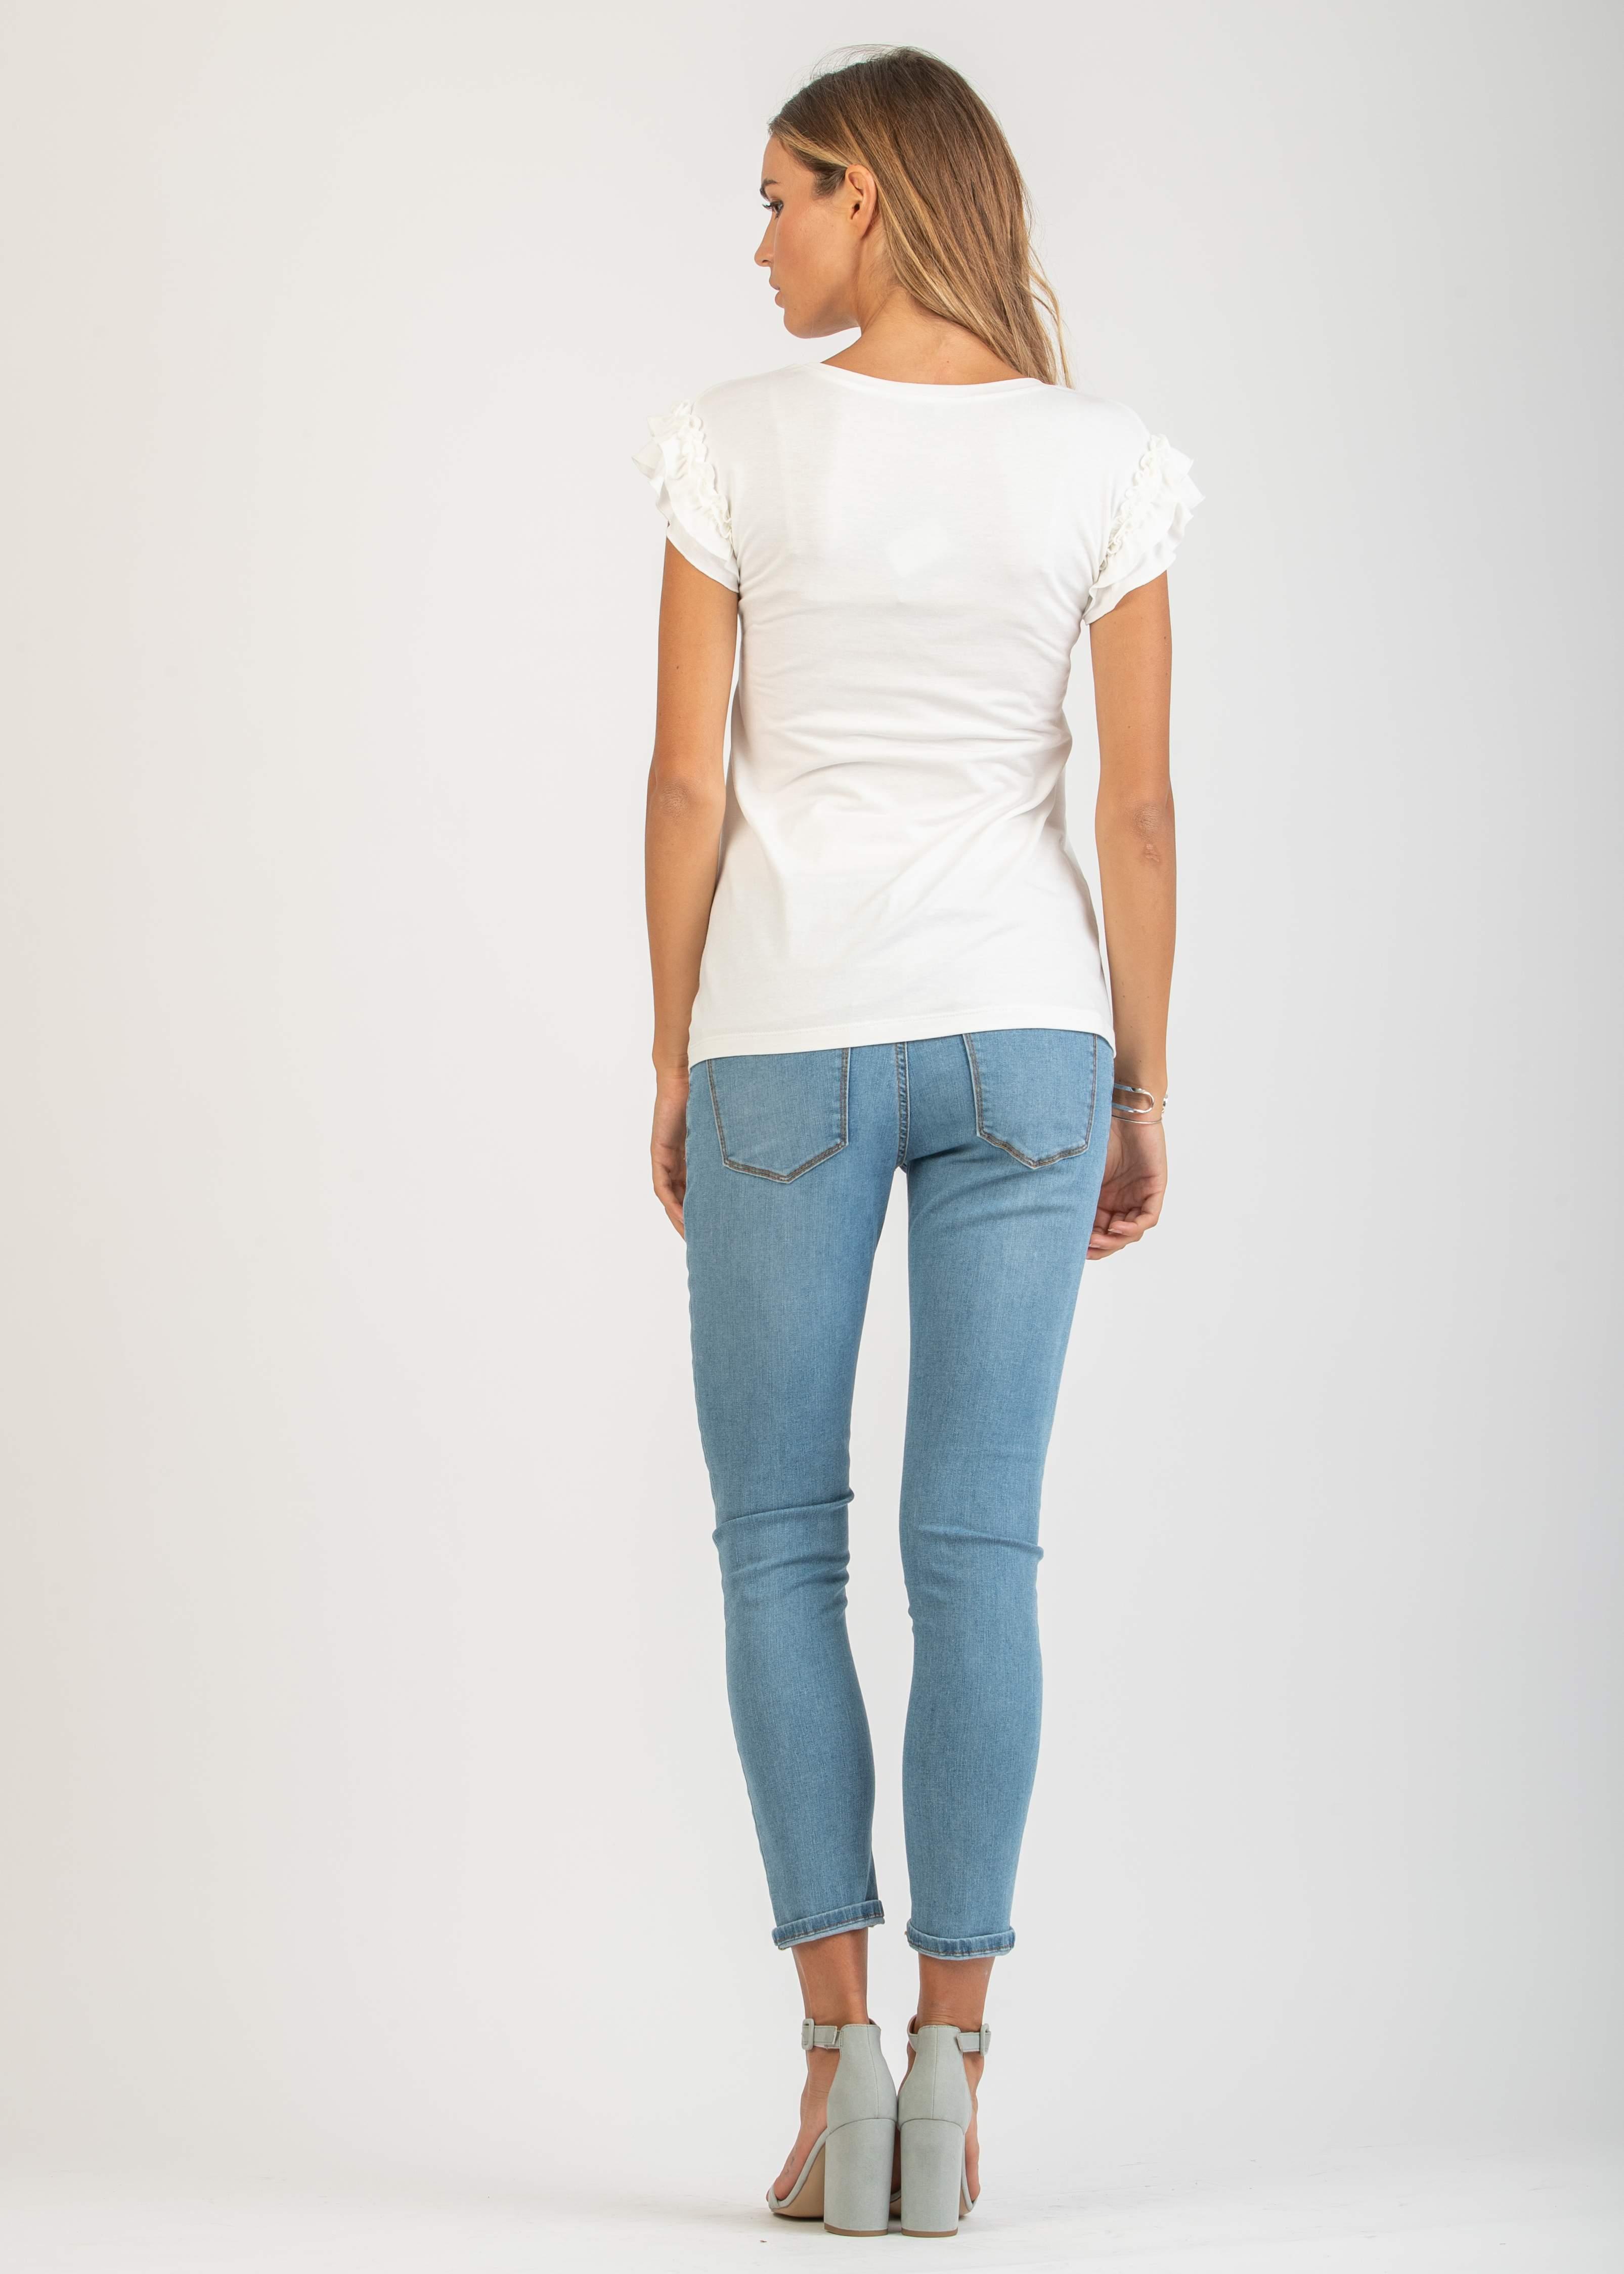 Jeans Premaman Modello Boyfriend - abbigliamento premaman